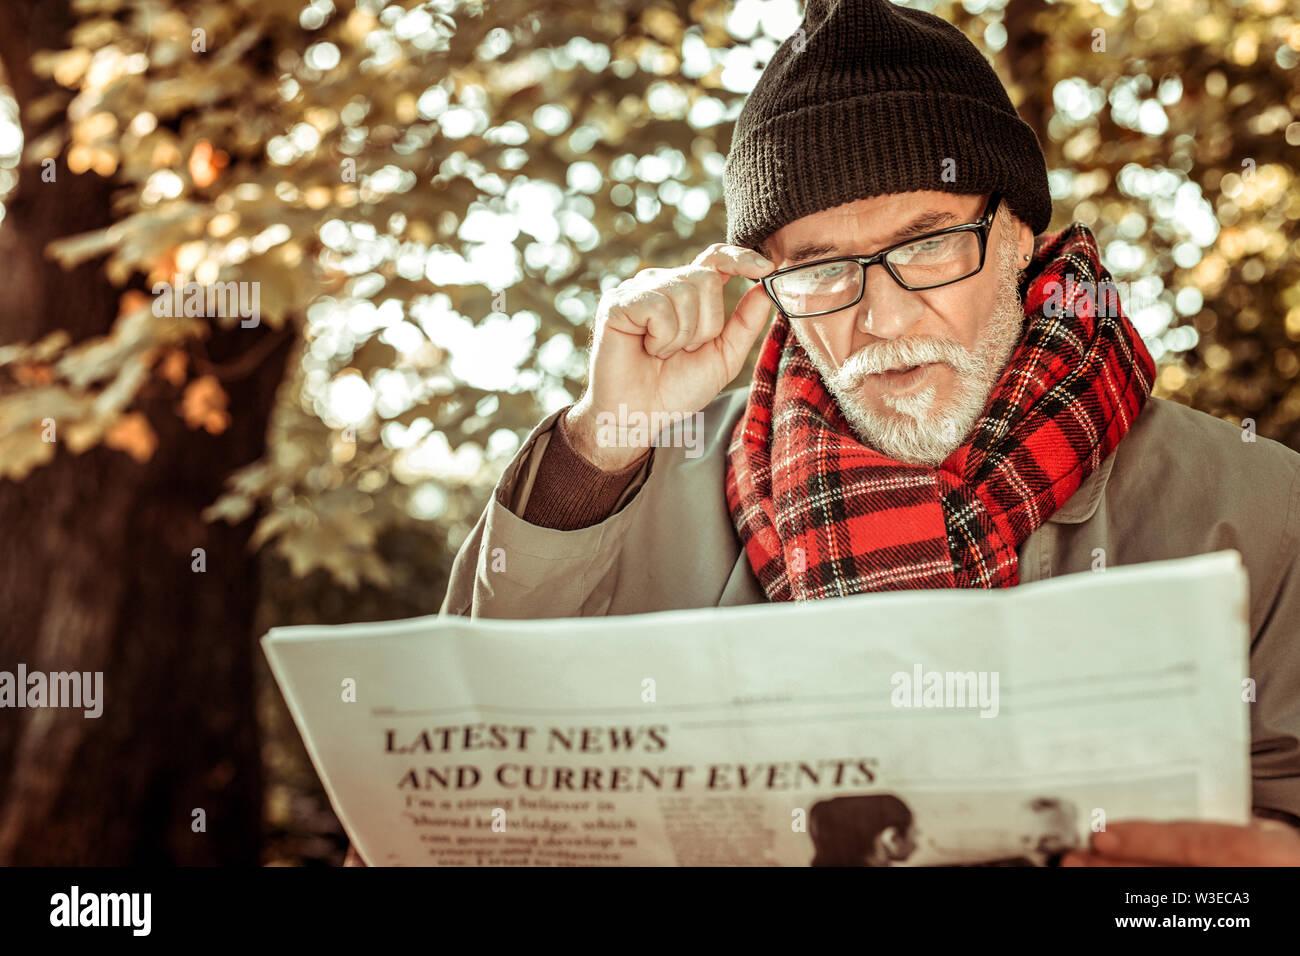 L'homme est concentré sur les dernières nouvelles d'informer lui-même. Photo Stock